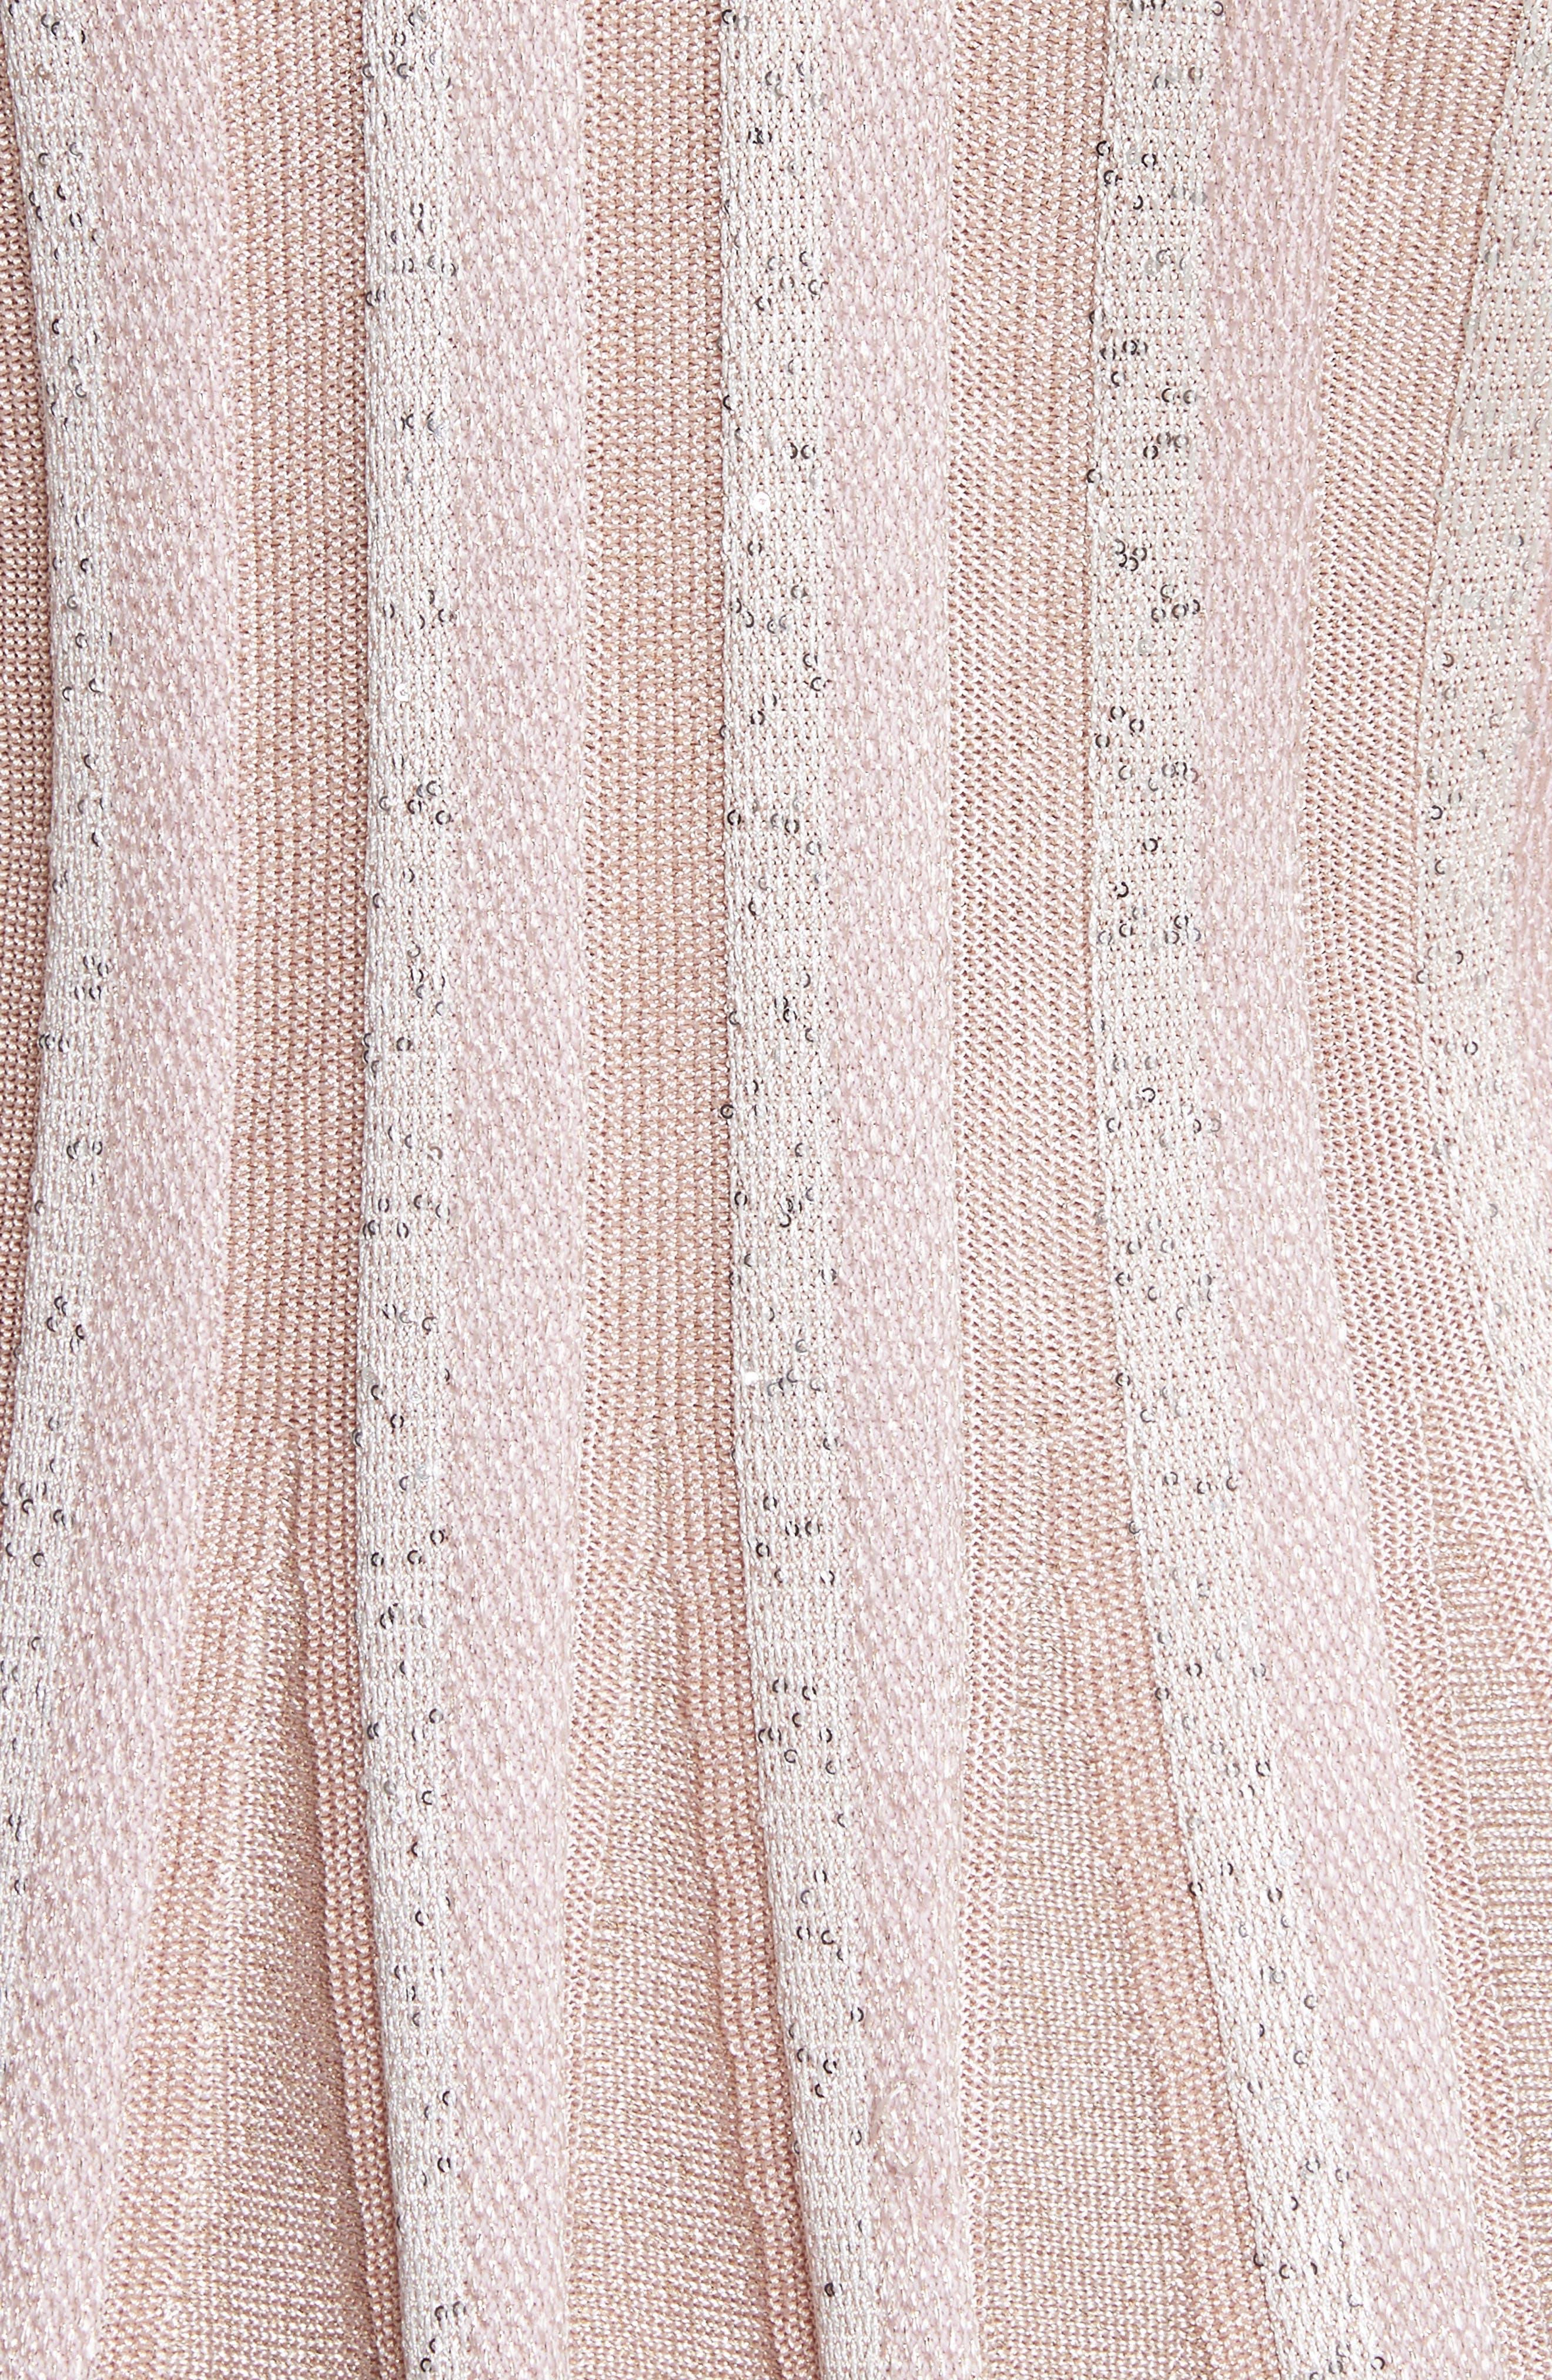 Ombré Sequin Stripe Knit Top,                             Alternate thumbnail 5, color,                             650